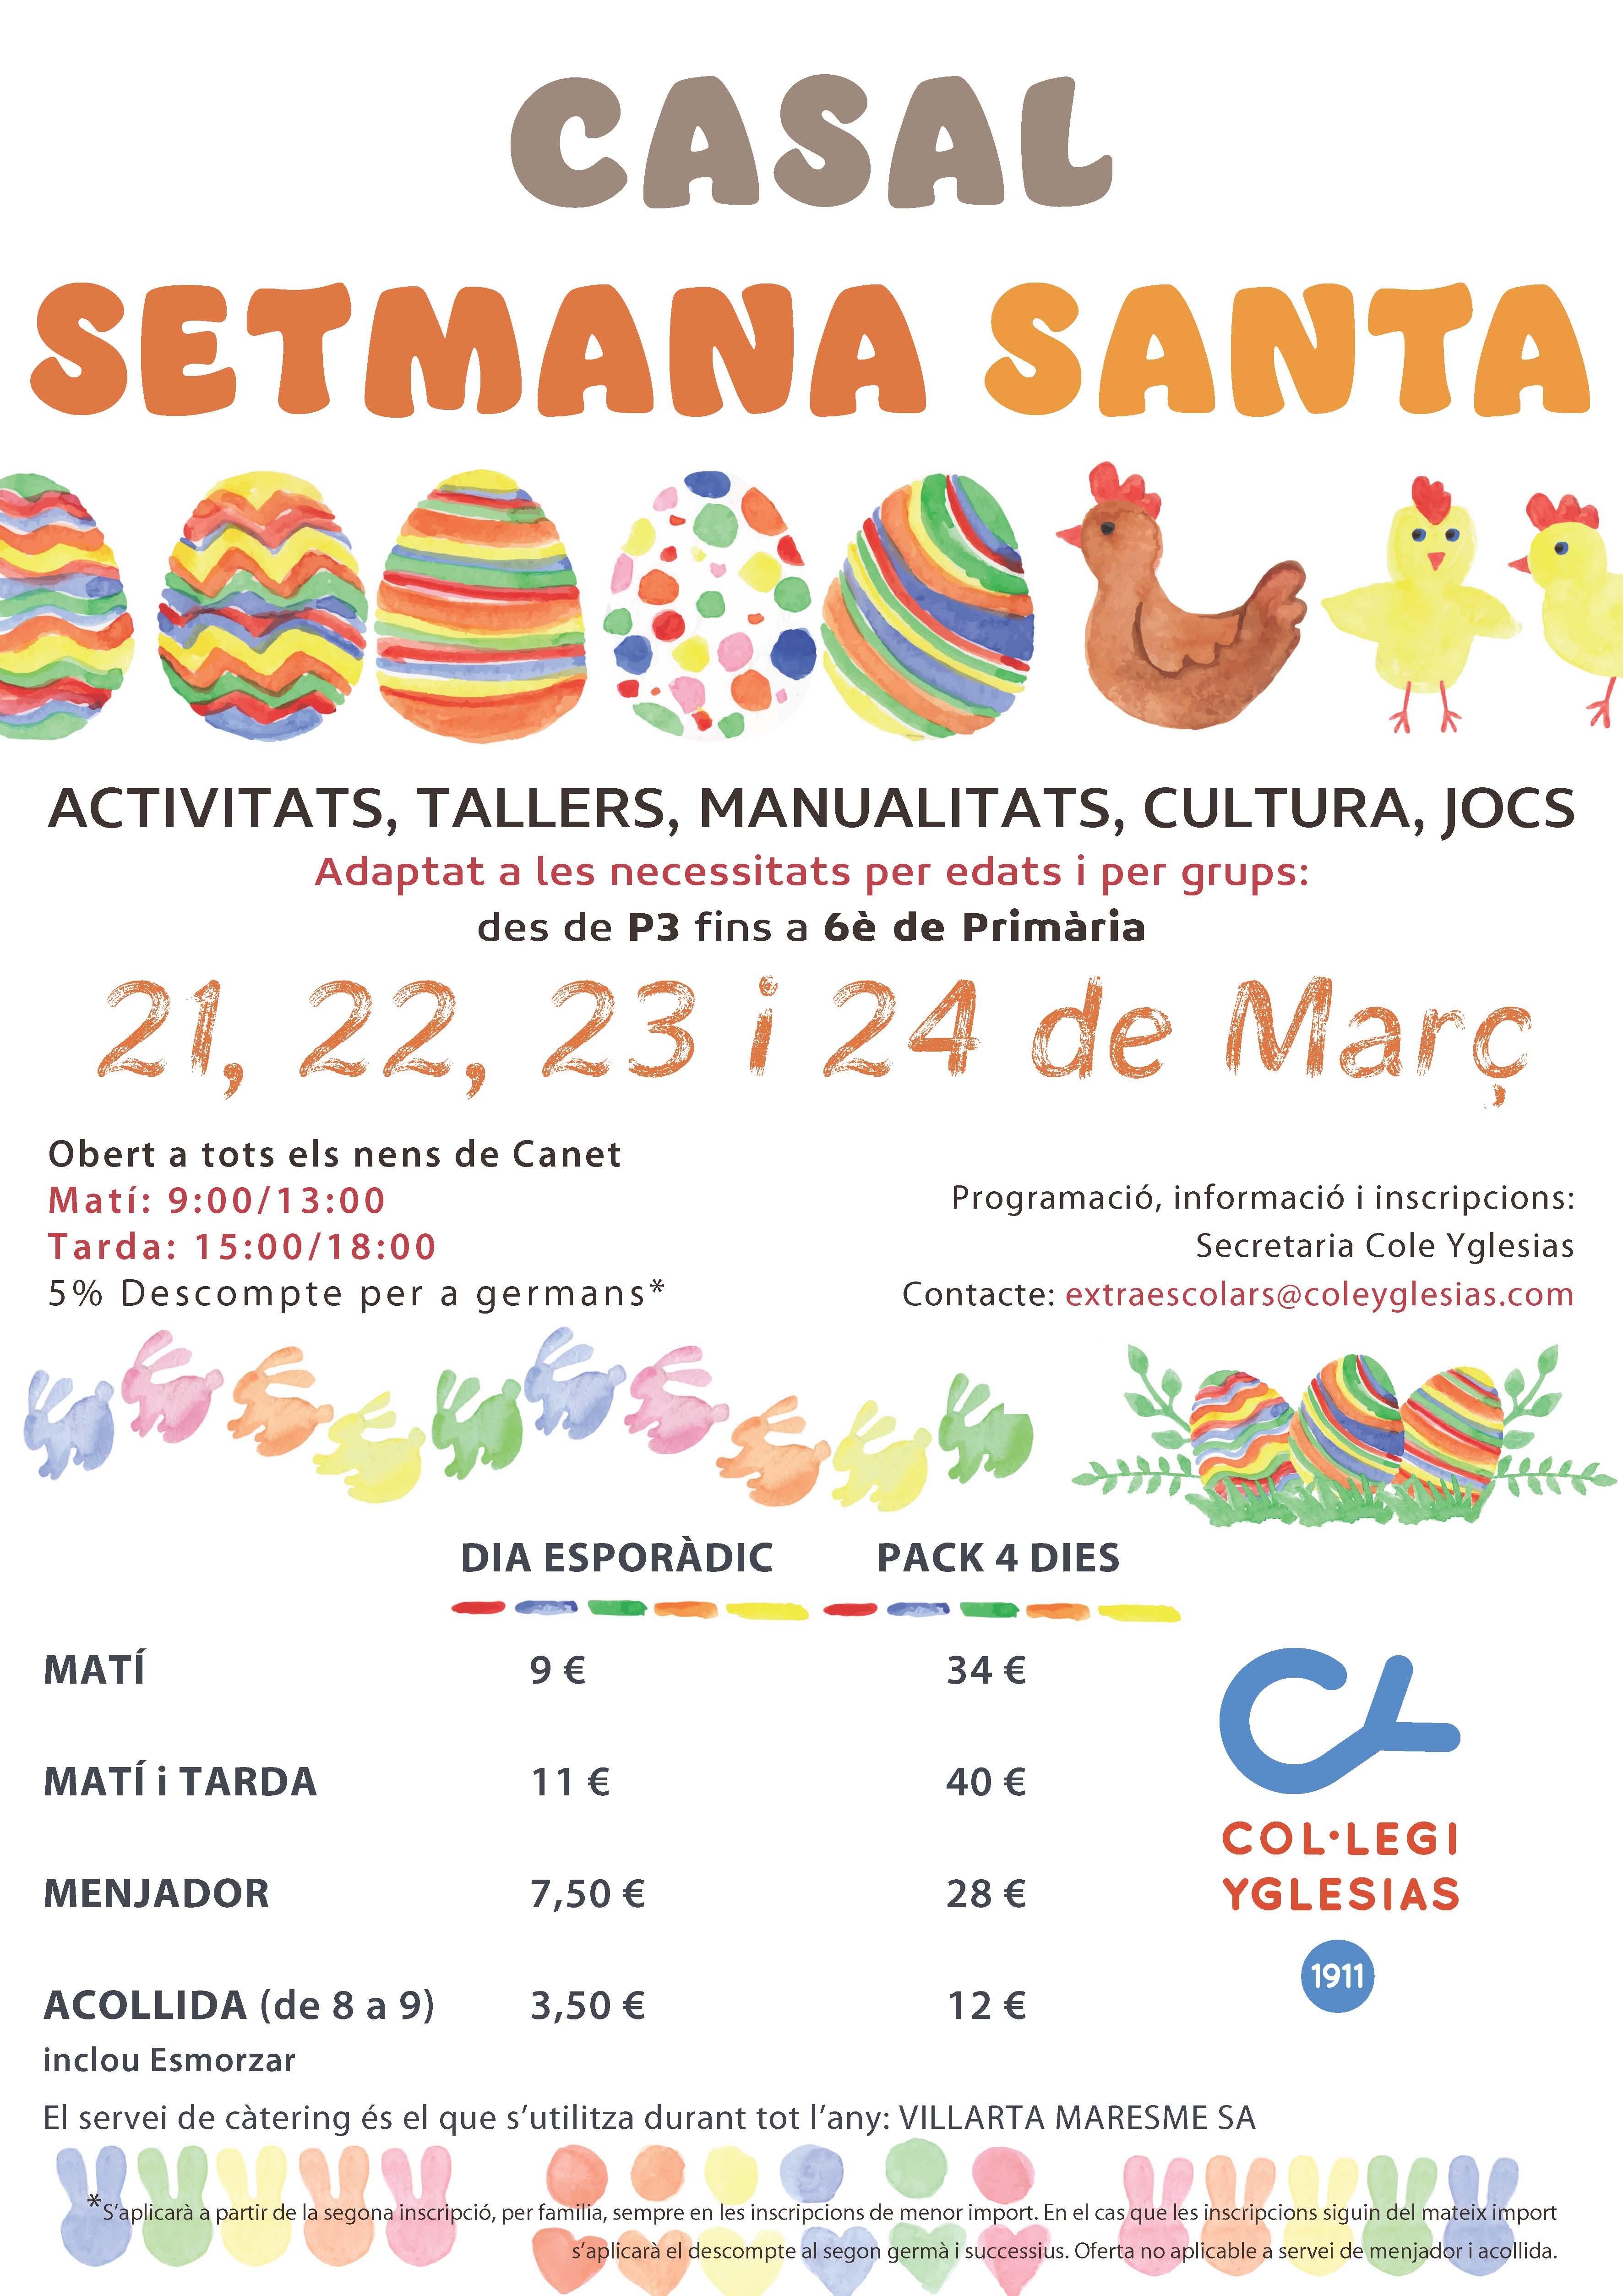 Yglesias Easter 2016